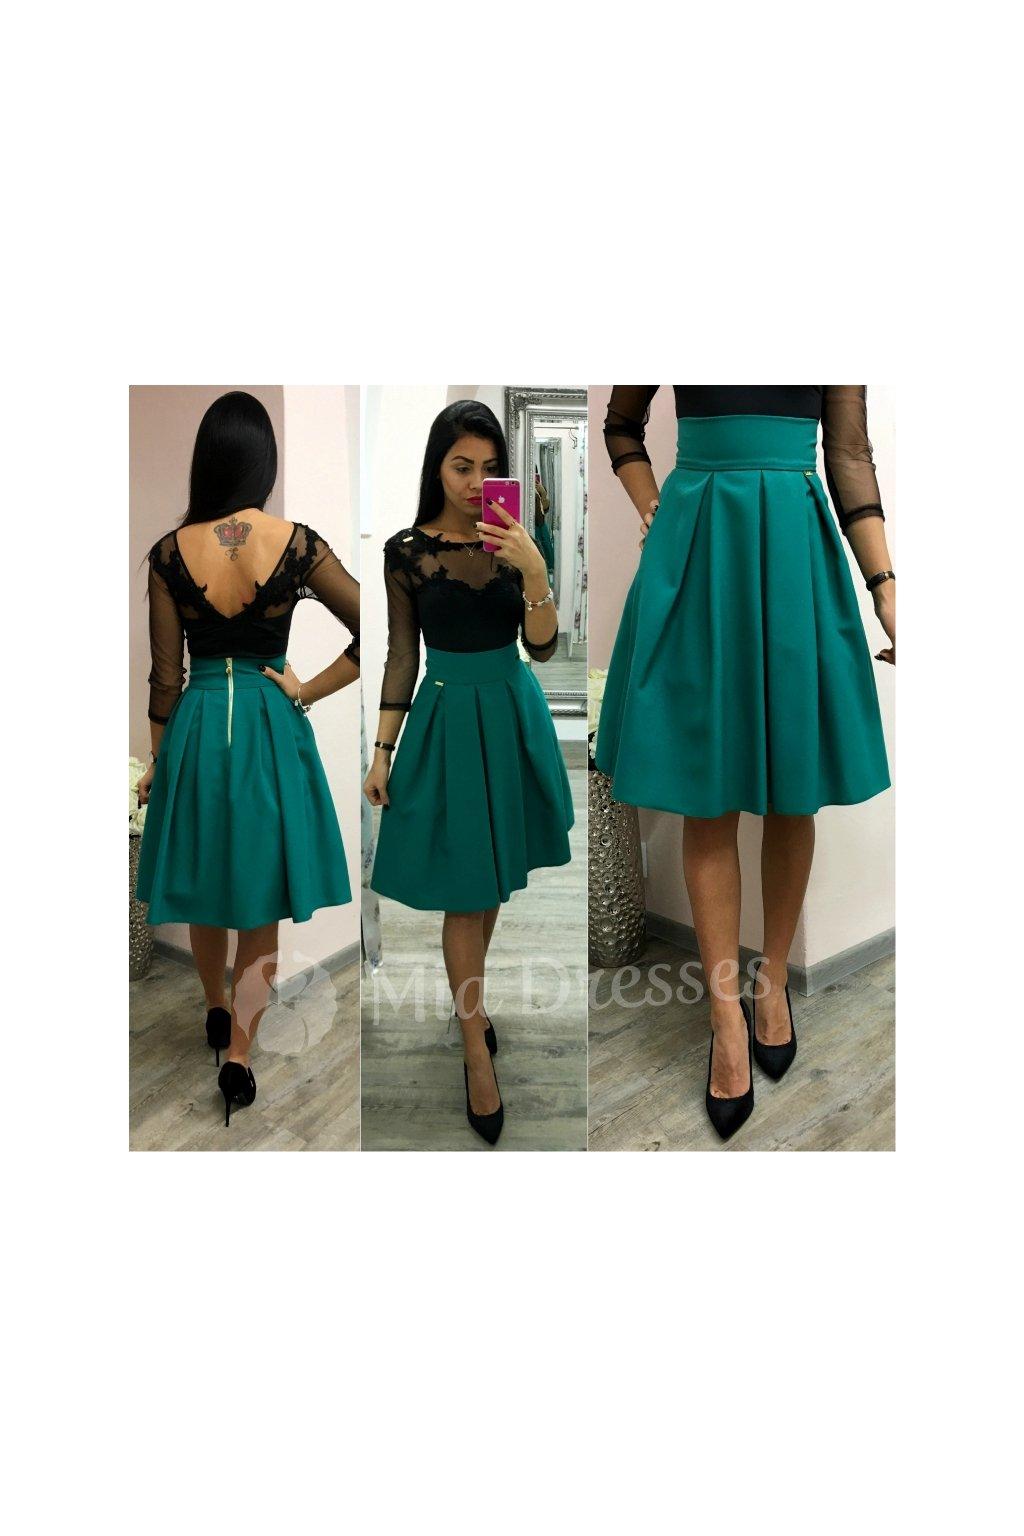 33b8826a3c80 Smaragdová áčková krátka sukňa - Mia Dresses